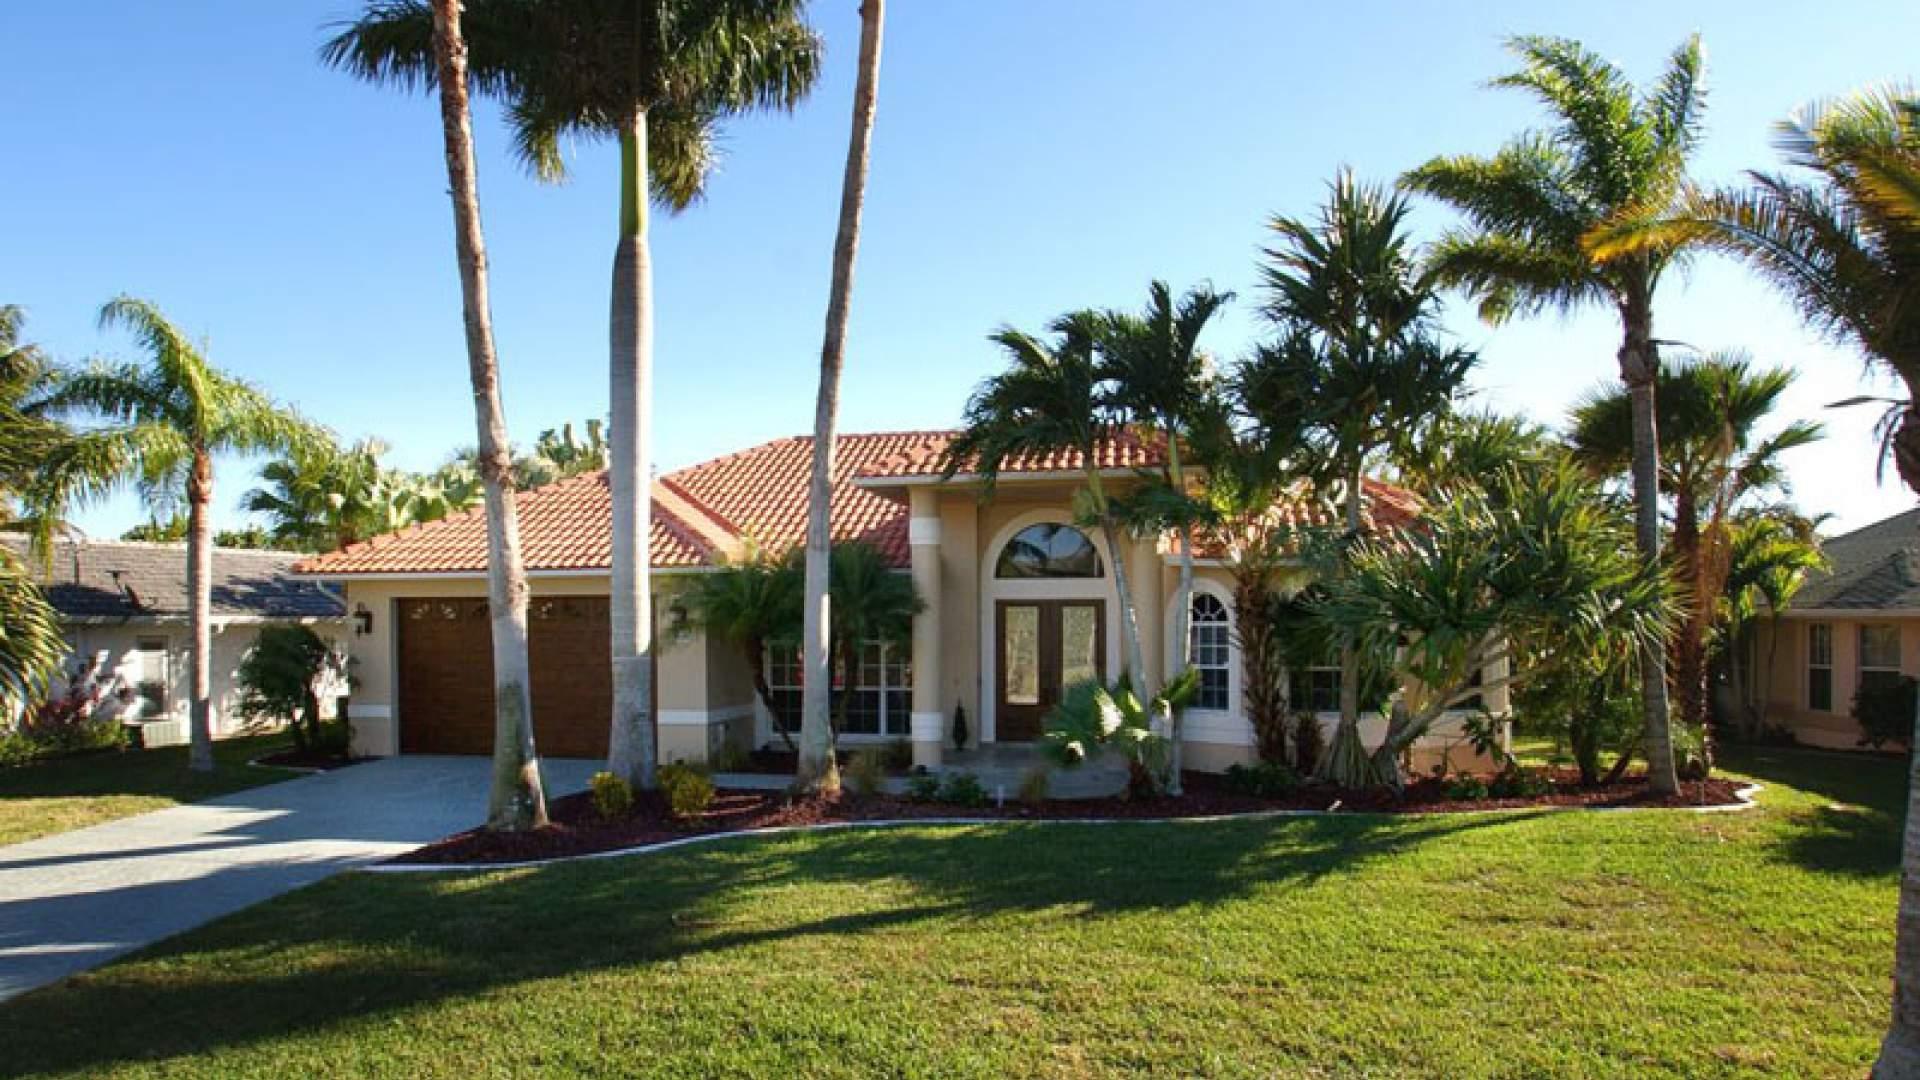 Dieses attraktive Ferienhaus befindet sich in der schönen Four Mile Cove Wohngegend im Südosten von Cape Coral